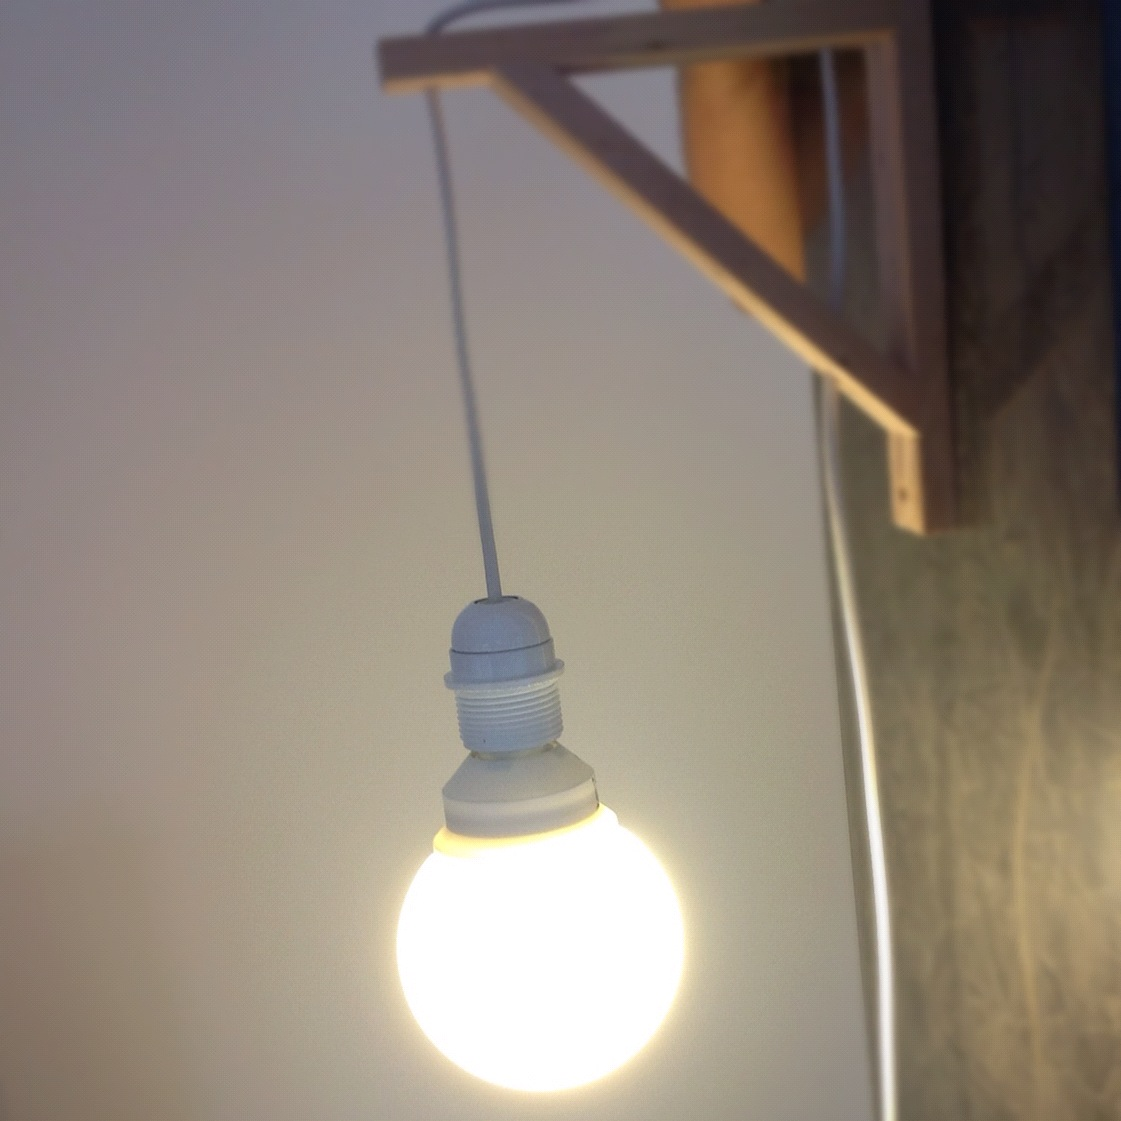 Iluminaci n de rosas y baobabs - Iluminacion apliques de pared ...